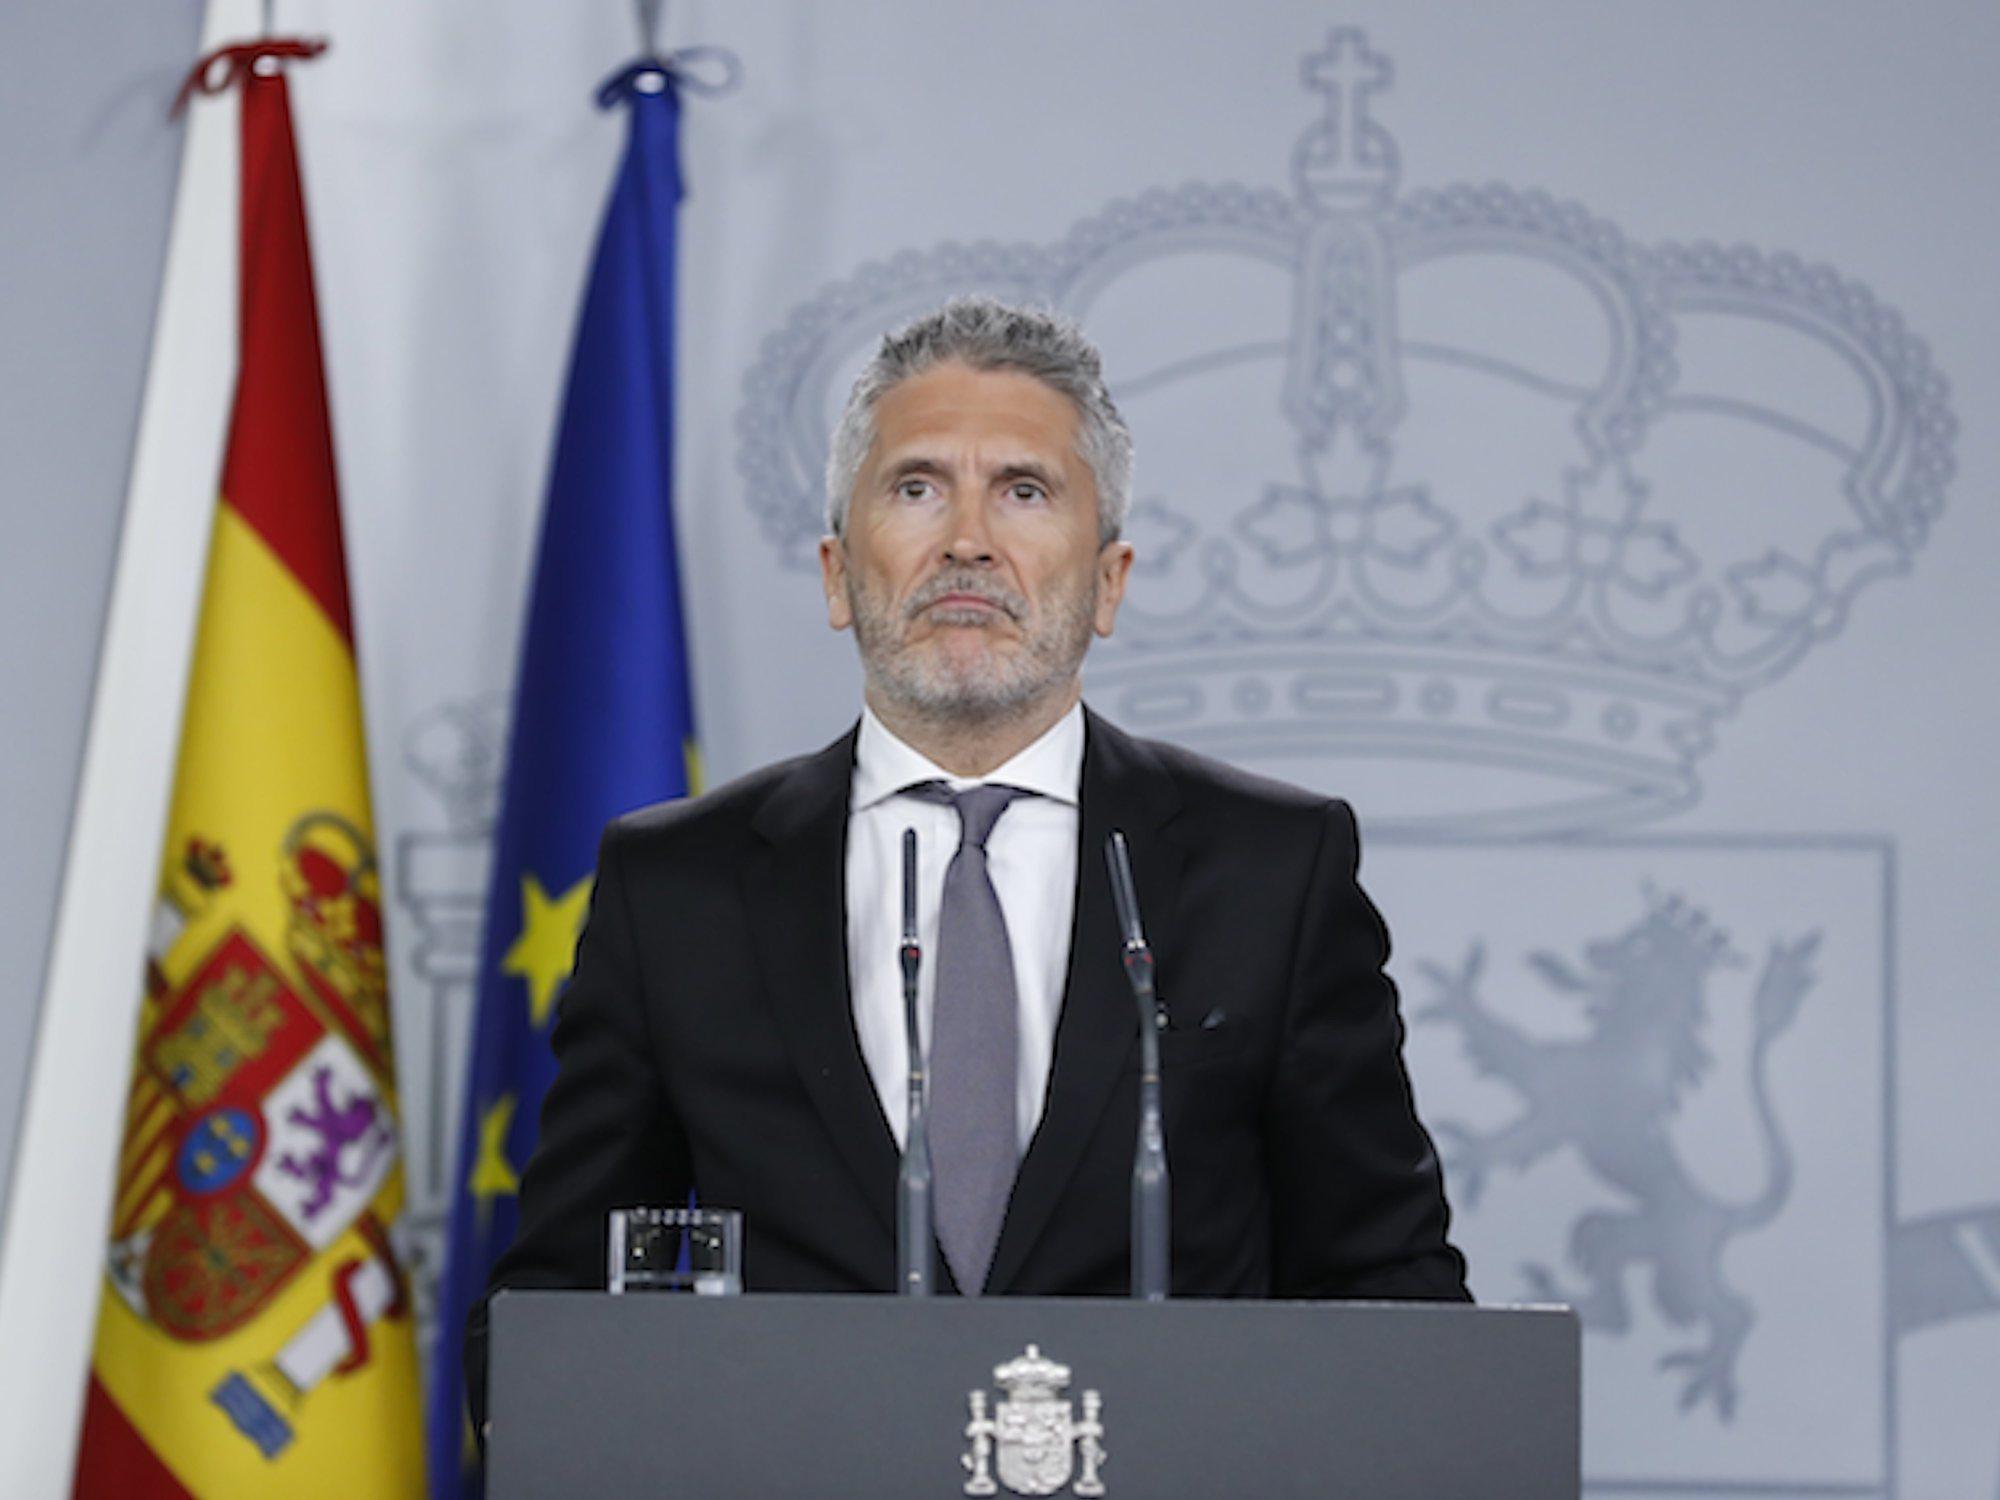 """La realidad paralela de Marlaska, que invita a visitar Barcelona """"con total normalidad"""""""